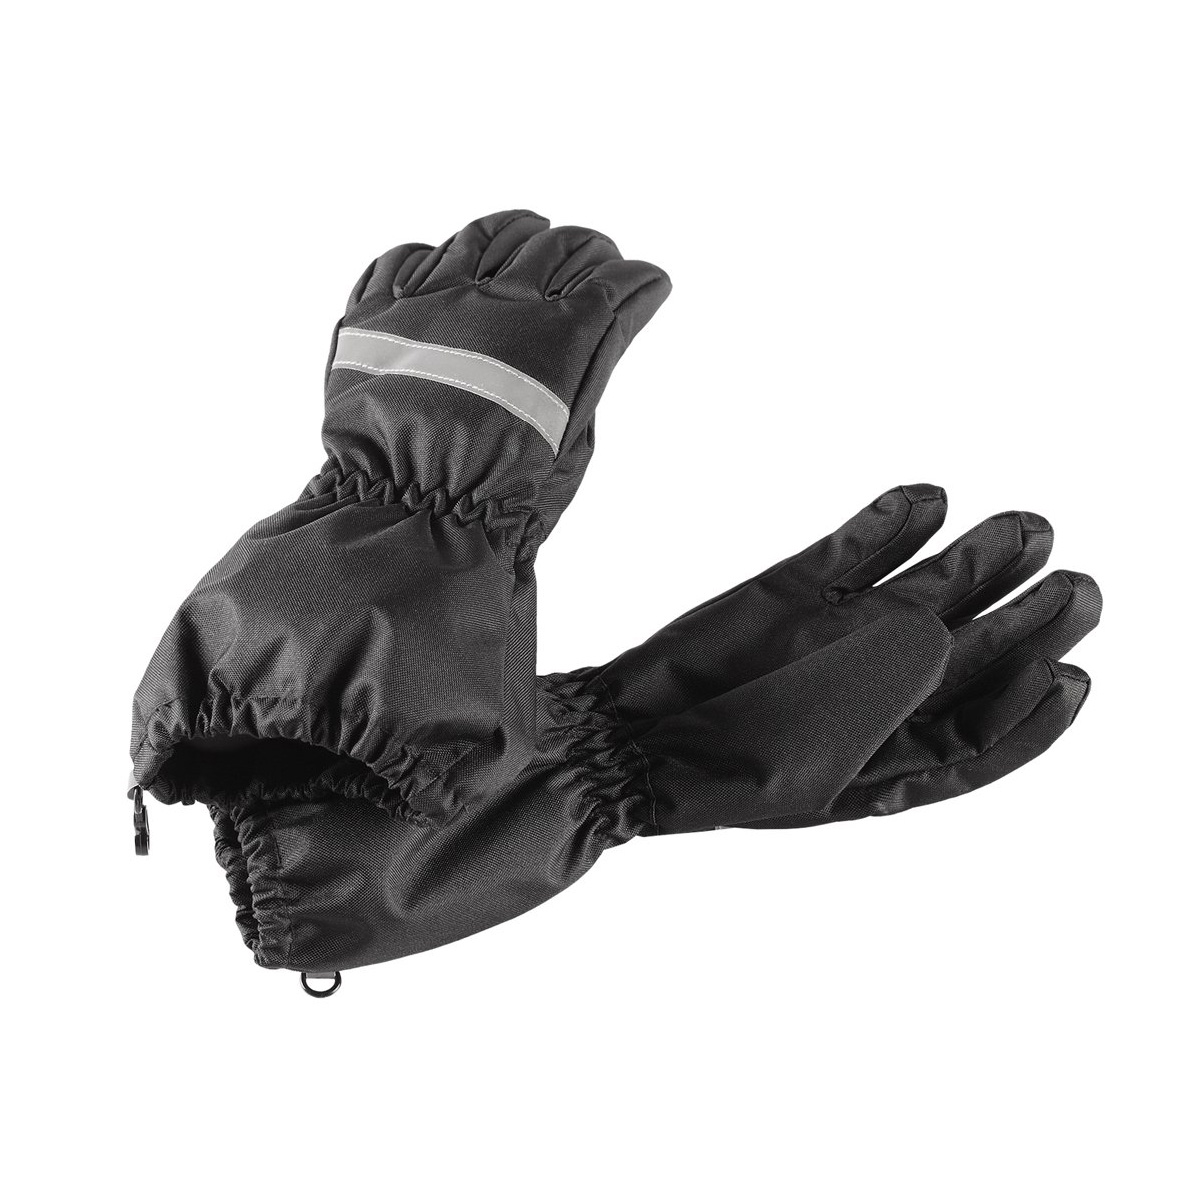 Перчатки Rola Lassie, Размер 3, Цвет 9990-черный 727718-9990_3